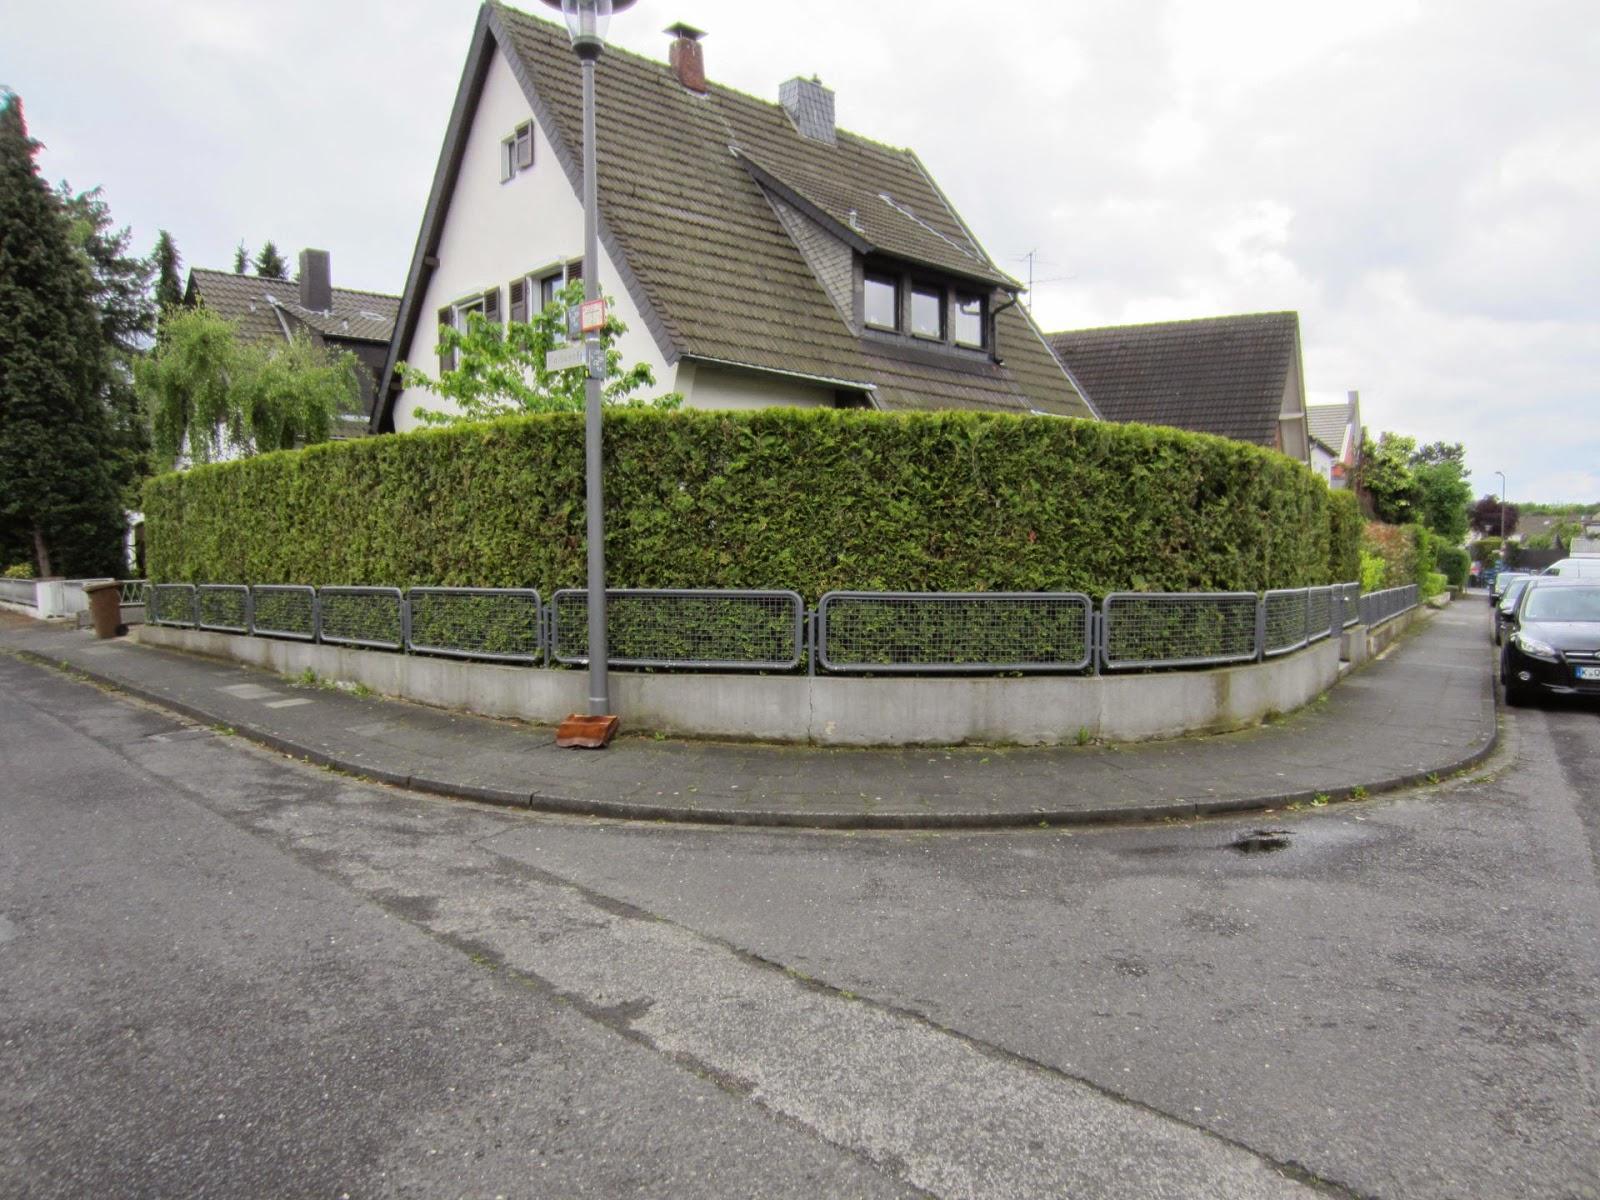 Gelander Auf Einer Gartenmauer Mit Edelstahlseilen Frobel Metallbau